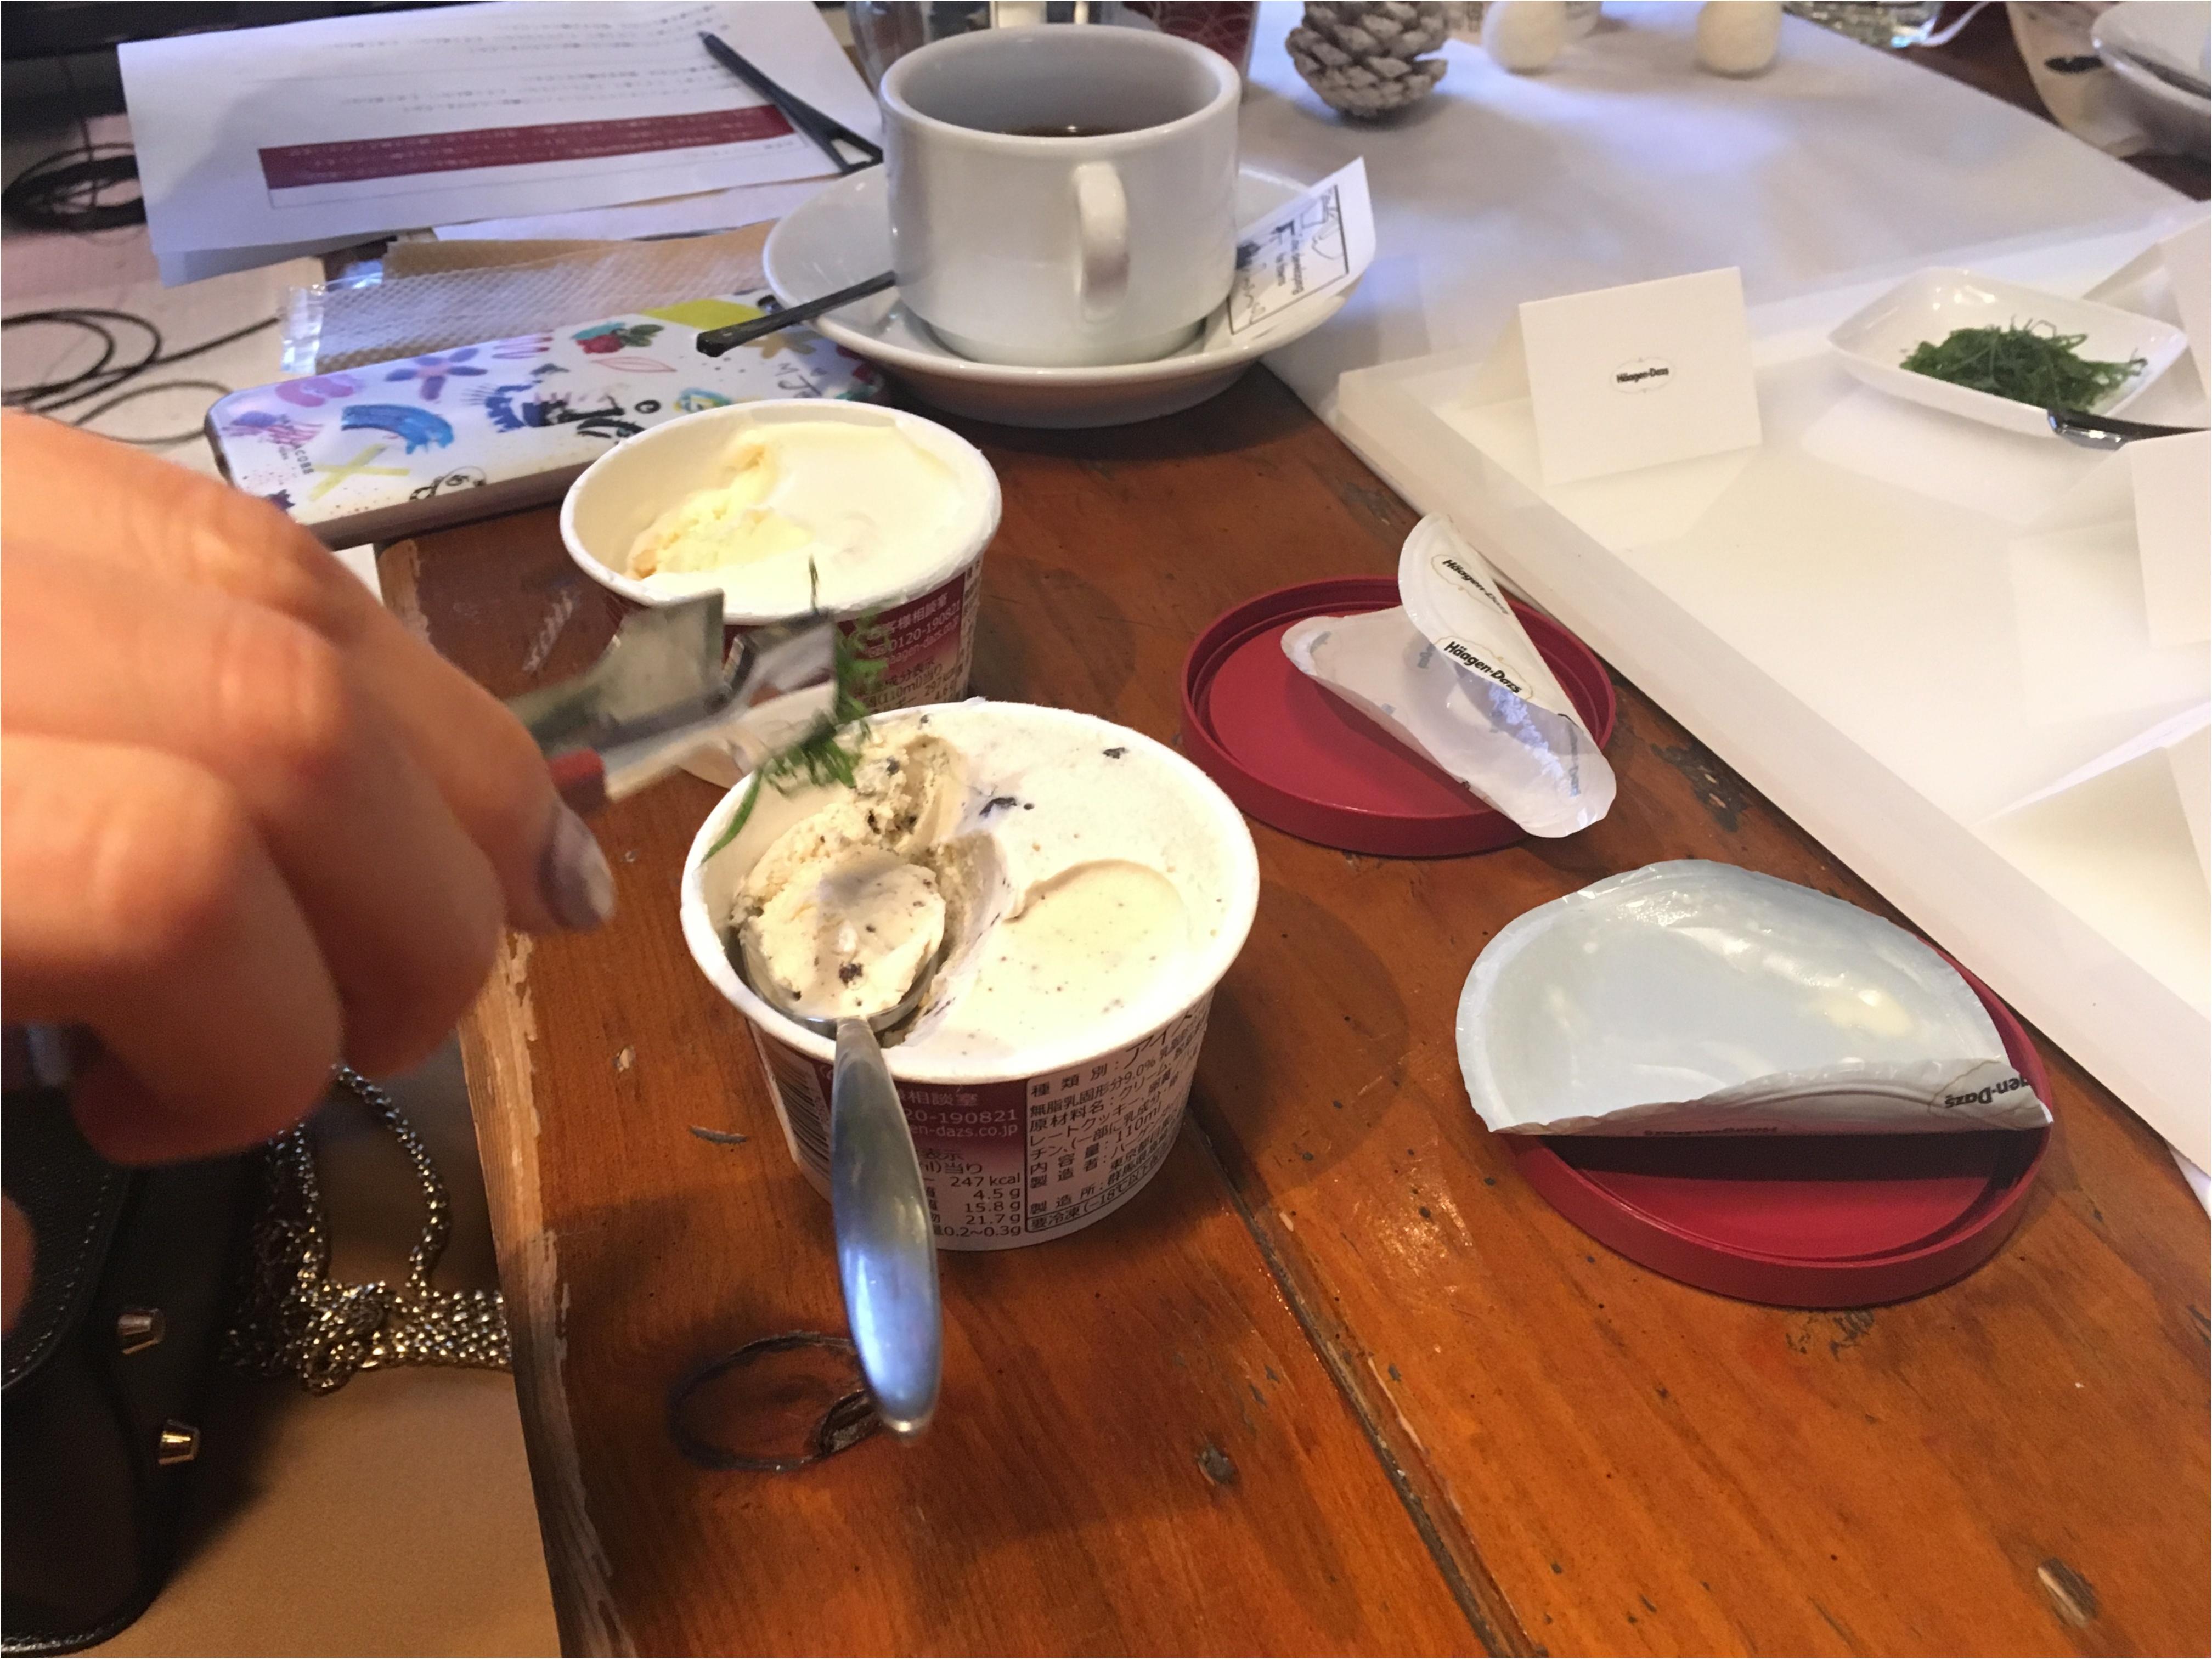 【レポ】12/5発売のあのアイスも先に食べれた『ハーゲンダッツクリスマスパーティー』は倍率250倍⁉︎_12